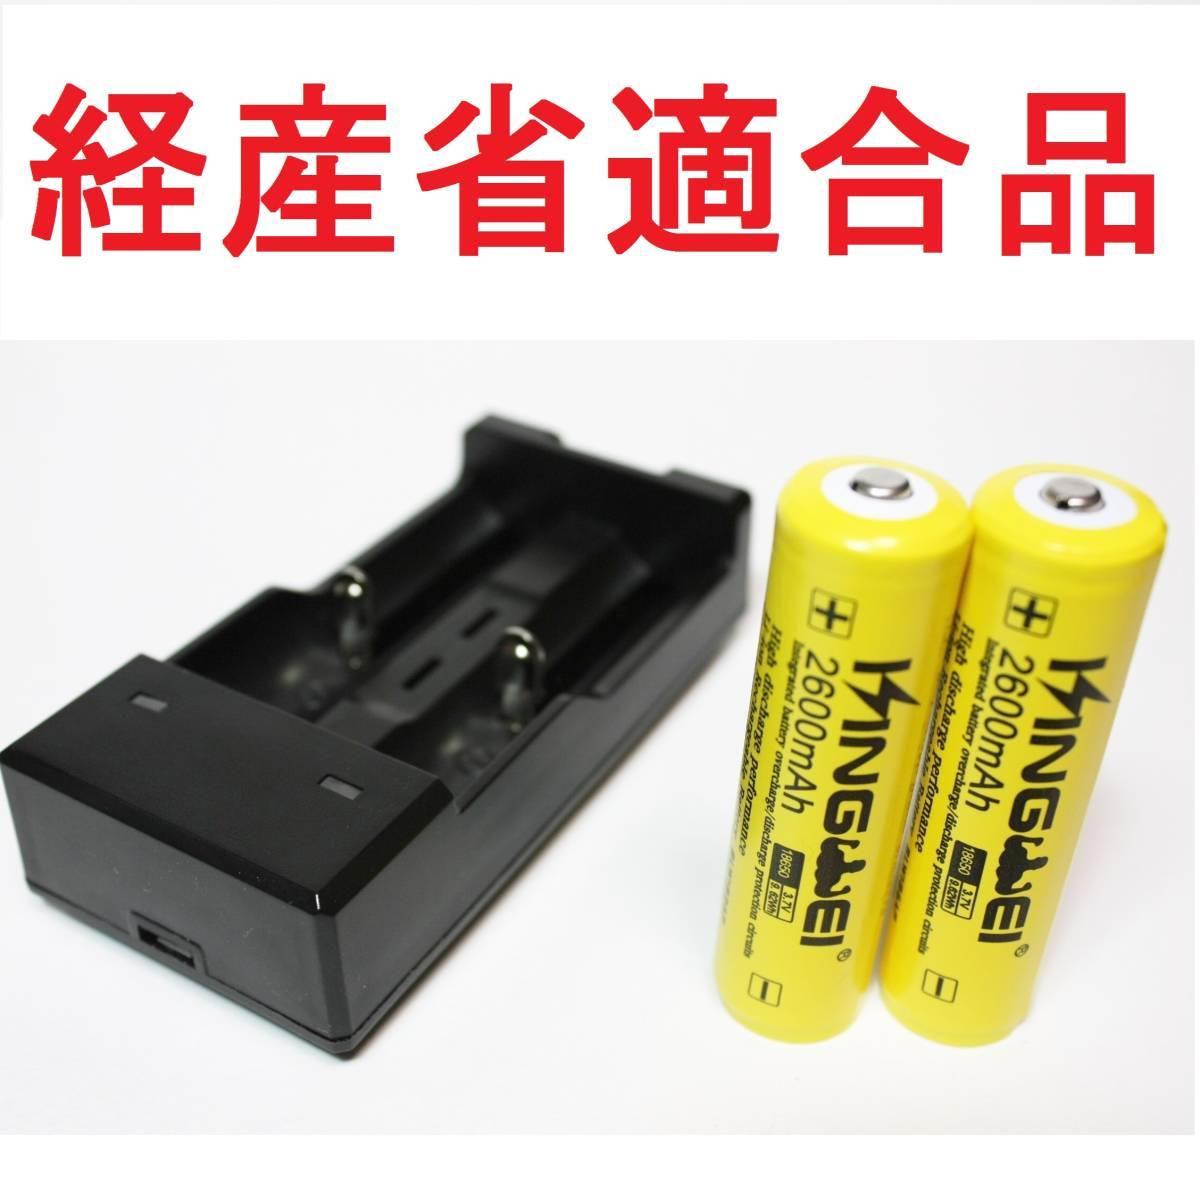 正規容量 18650 経済産業省適合品 リチウムイオン 充電池 2本 + 急速充電器 バッテリー 懐中電灯 ヘッドライト g03_画像1